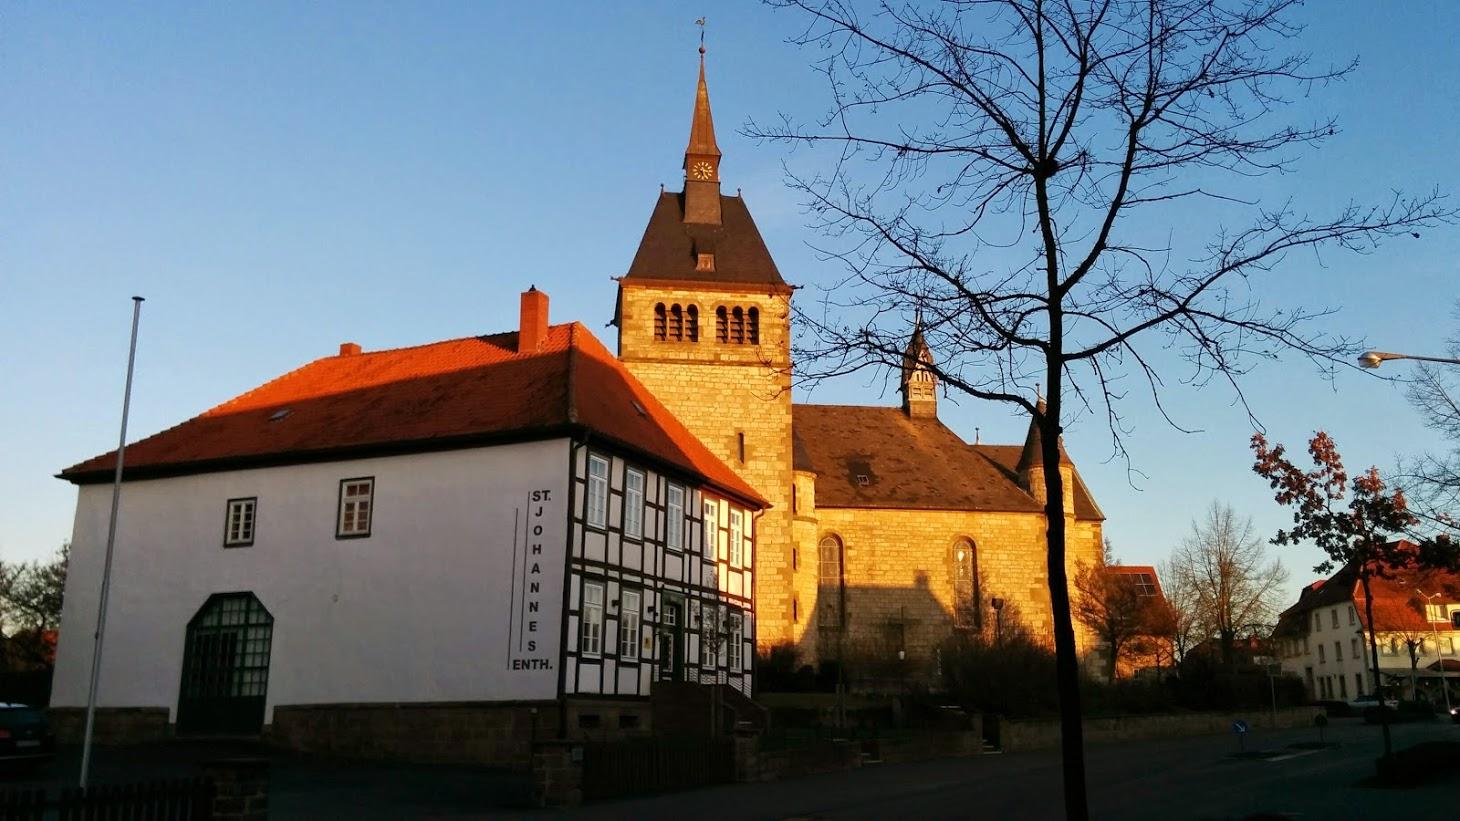 Pfarrheim und Pfarrkirche im Dezember 2014